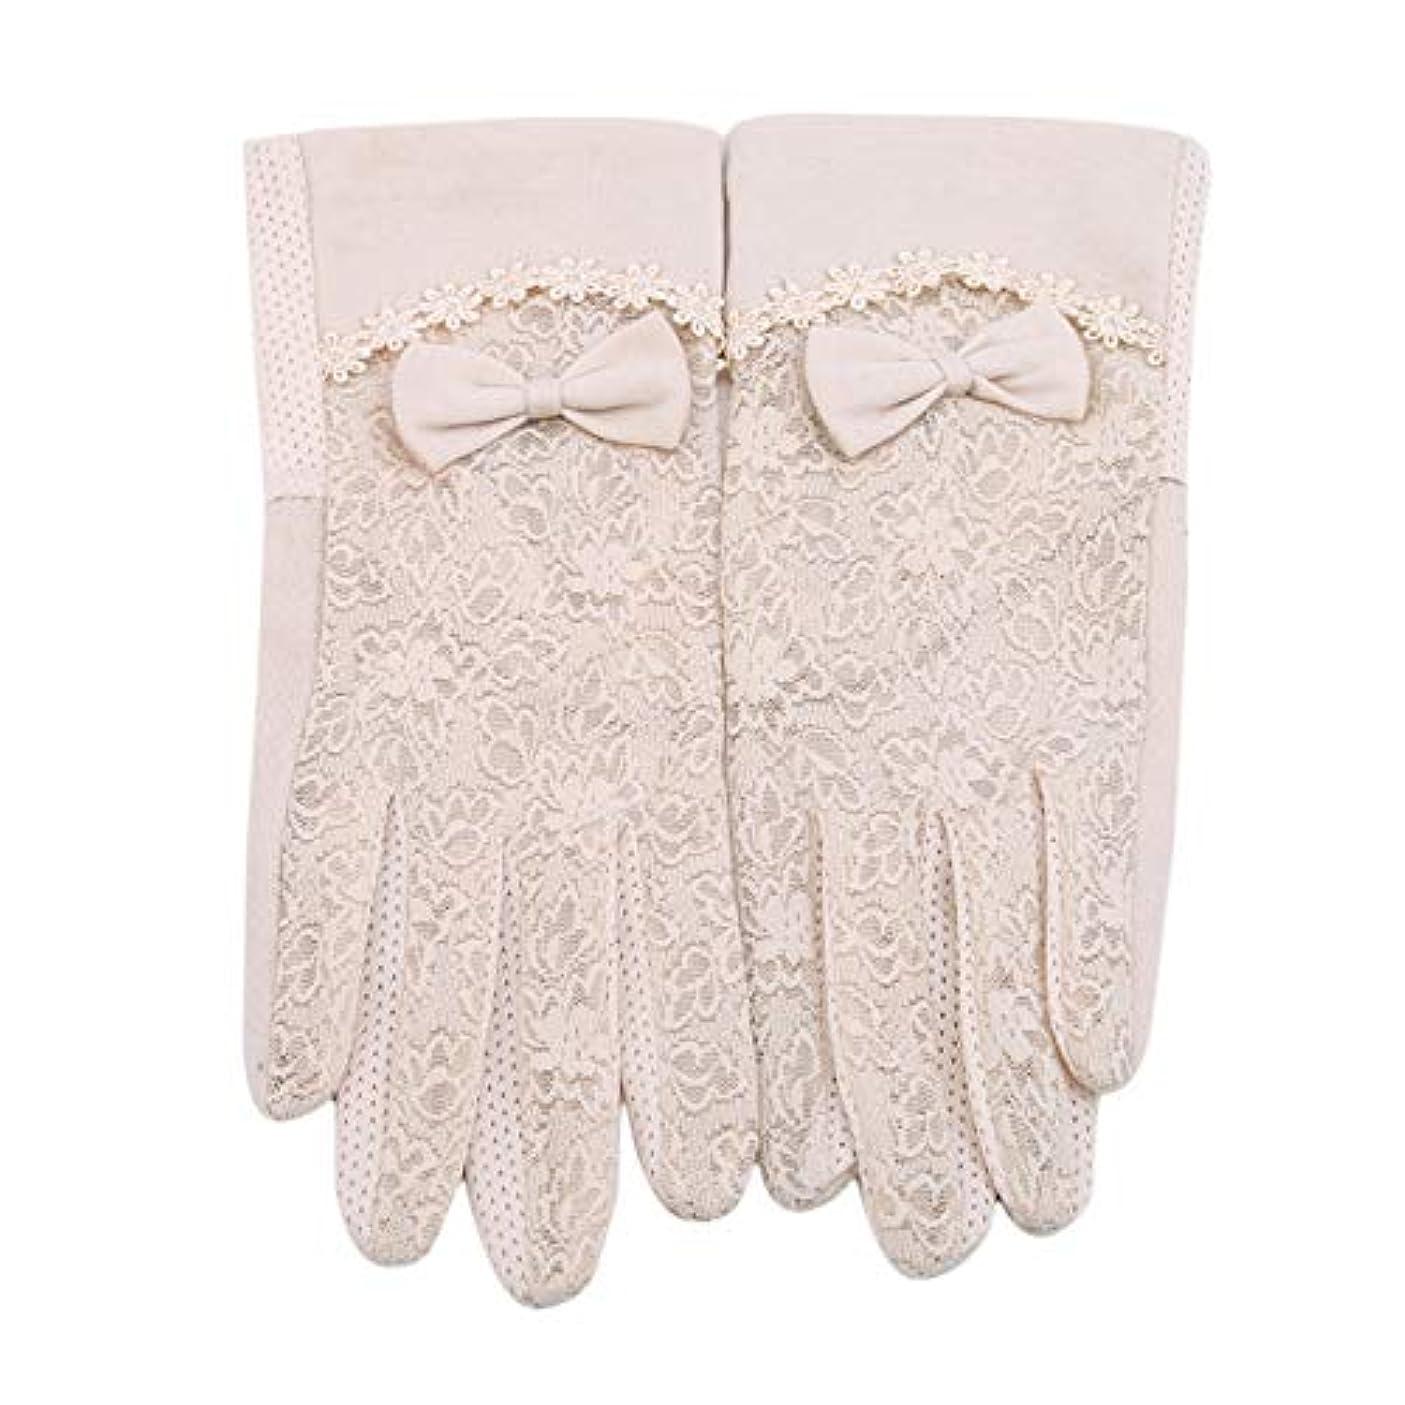 エージェント習字ルーチンMODMHB 手袋 UVカット 手触りが良い 紫外線カット 日焼け防止 ハンド ケア 手荒い対策 保湿 保護 抗菌 防臭